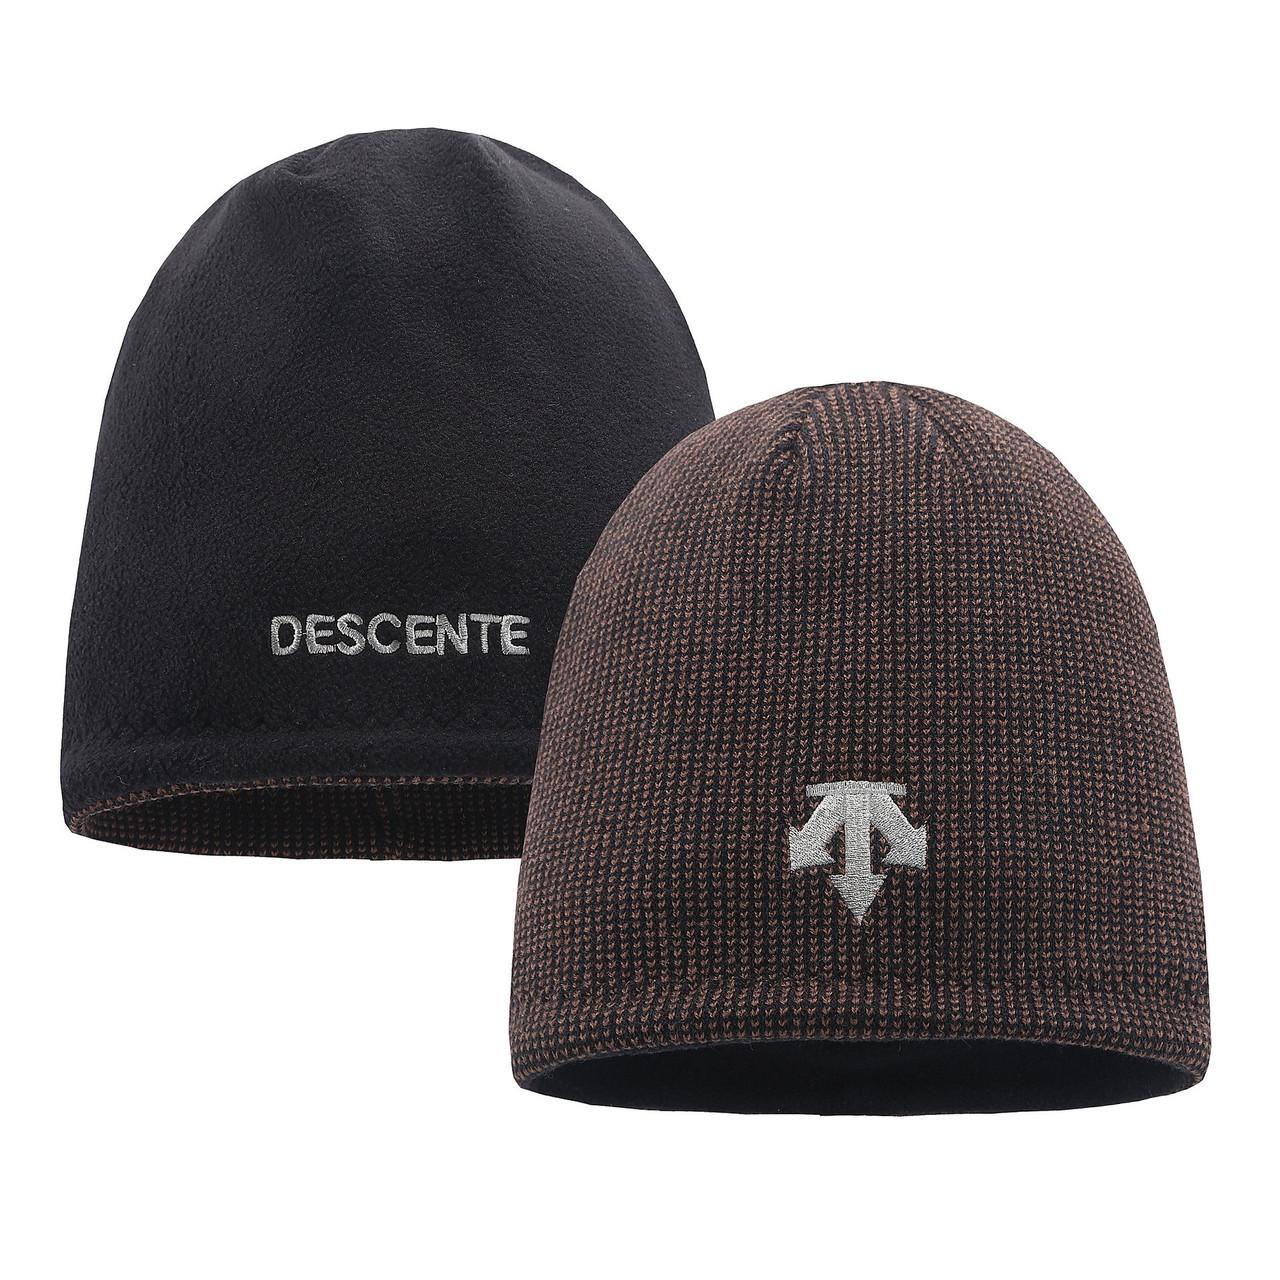 Шапка двухсторонняя Descente для взрослых и подростков шапки десенте